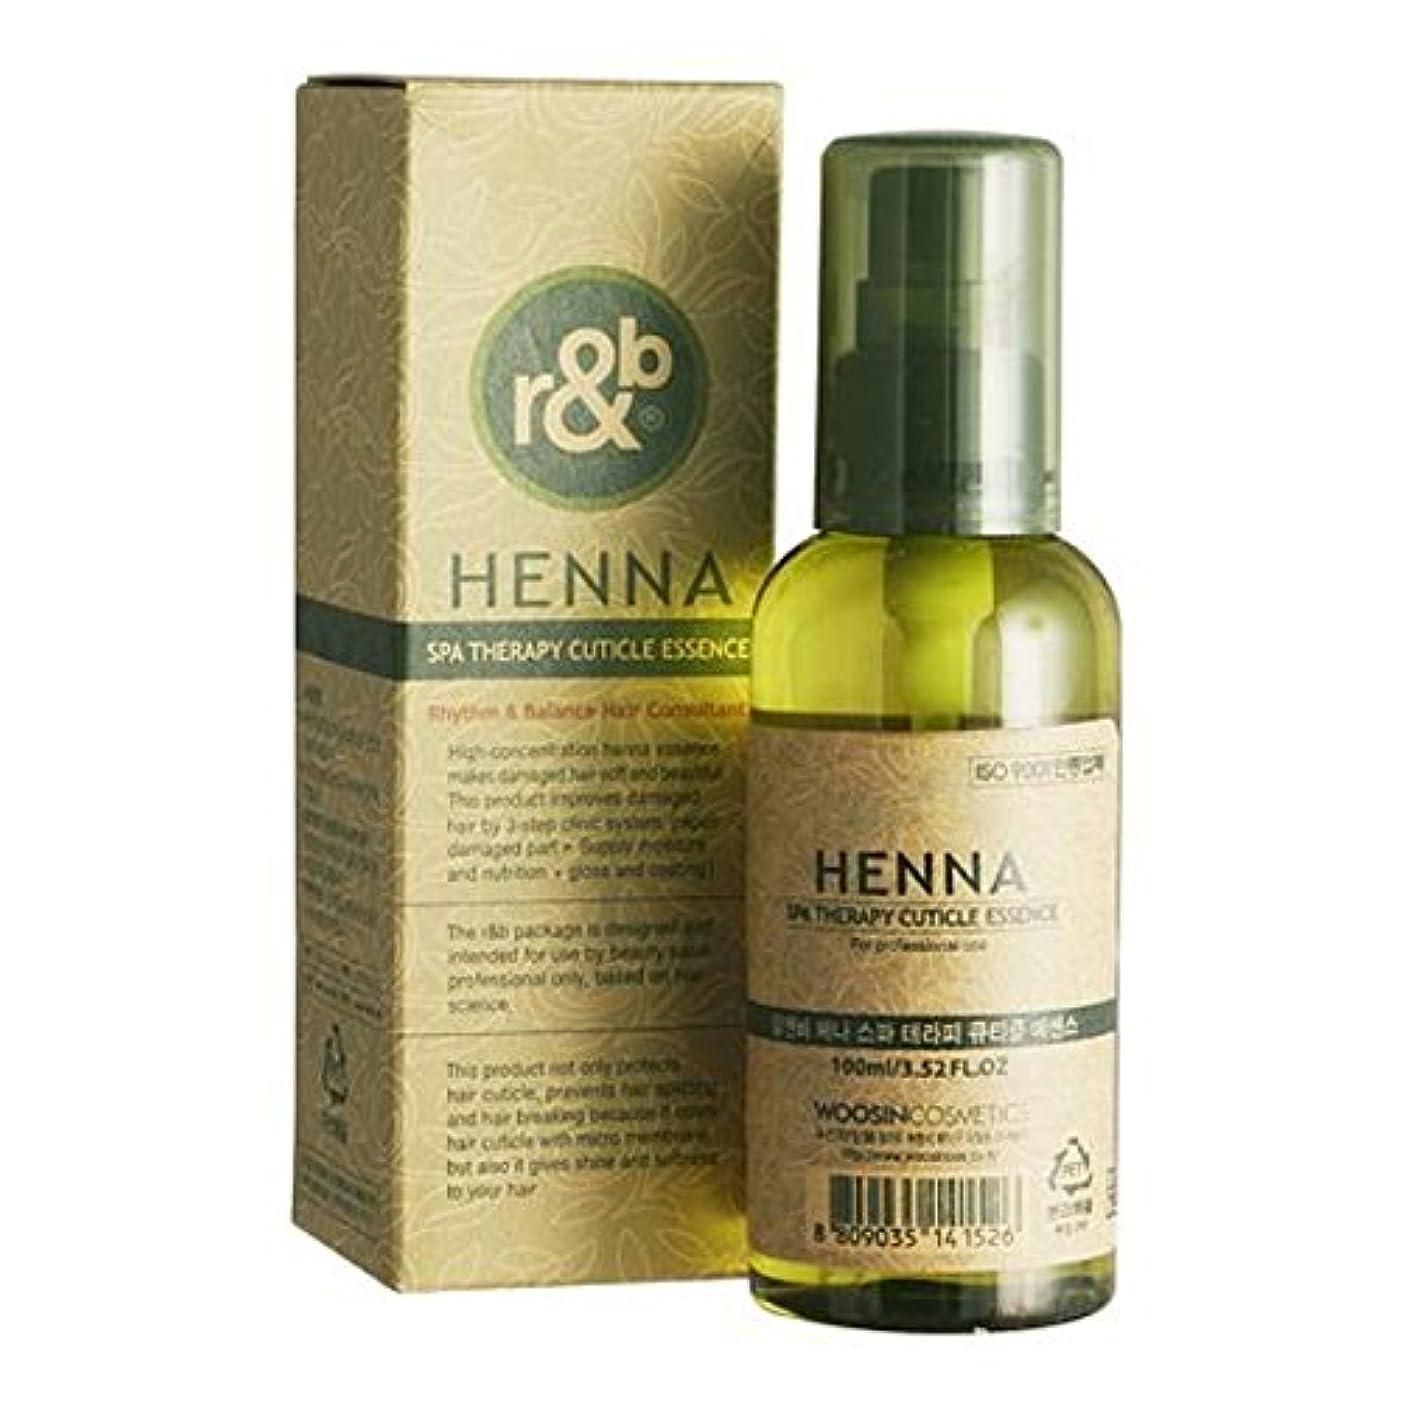 静かに救いダーツ[Woosin/ウシン] R&B Henna Spa Therapy Cuticle Essence 100ml/ウシンR&Bヘナスパセラピーキューティクルエッセンス(海外直送品)